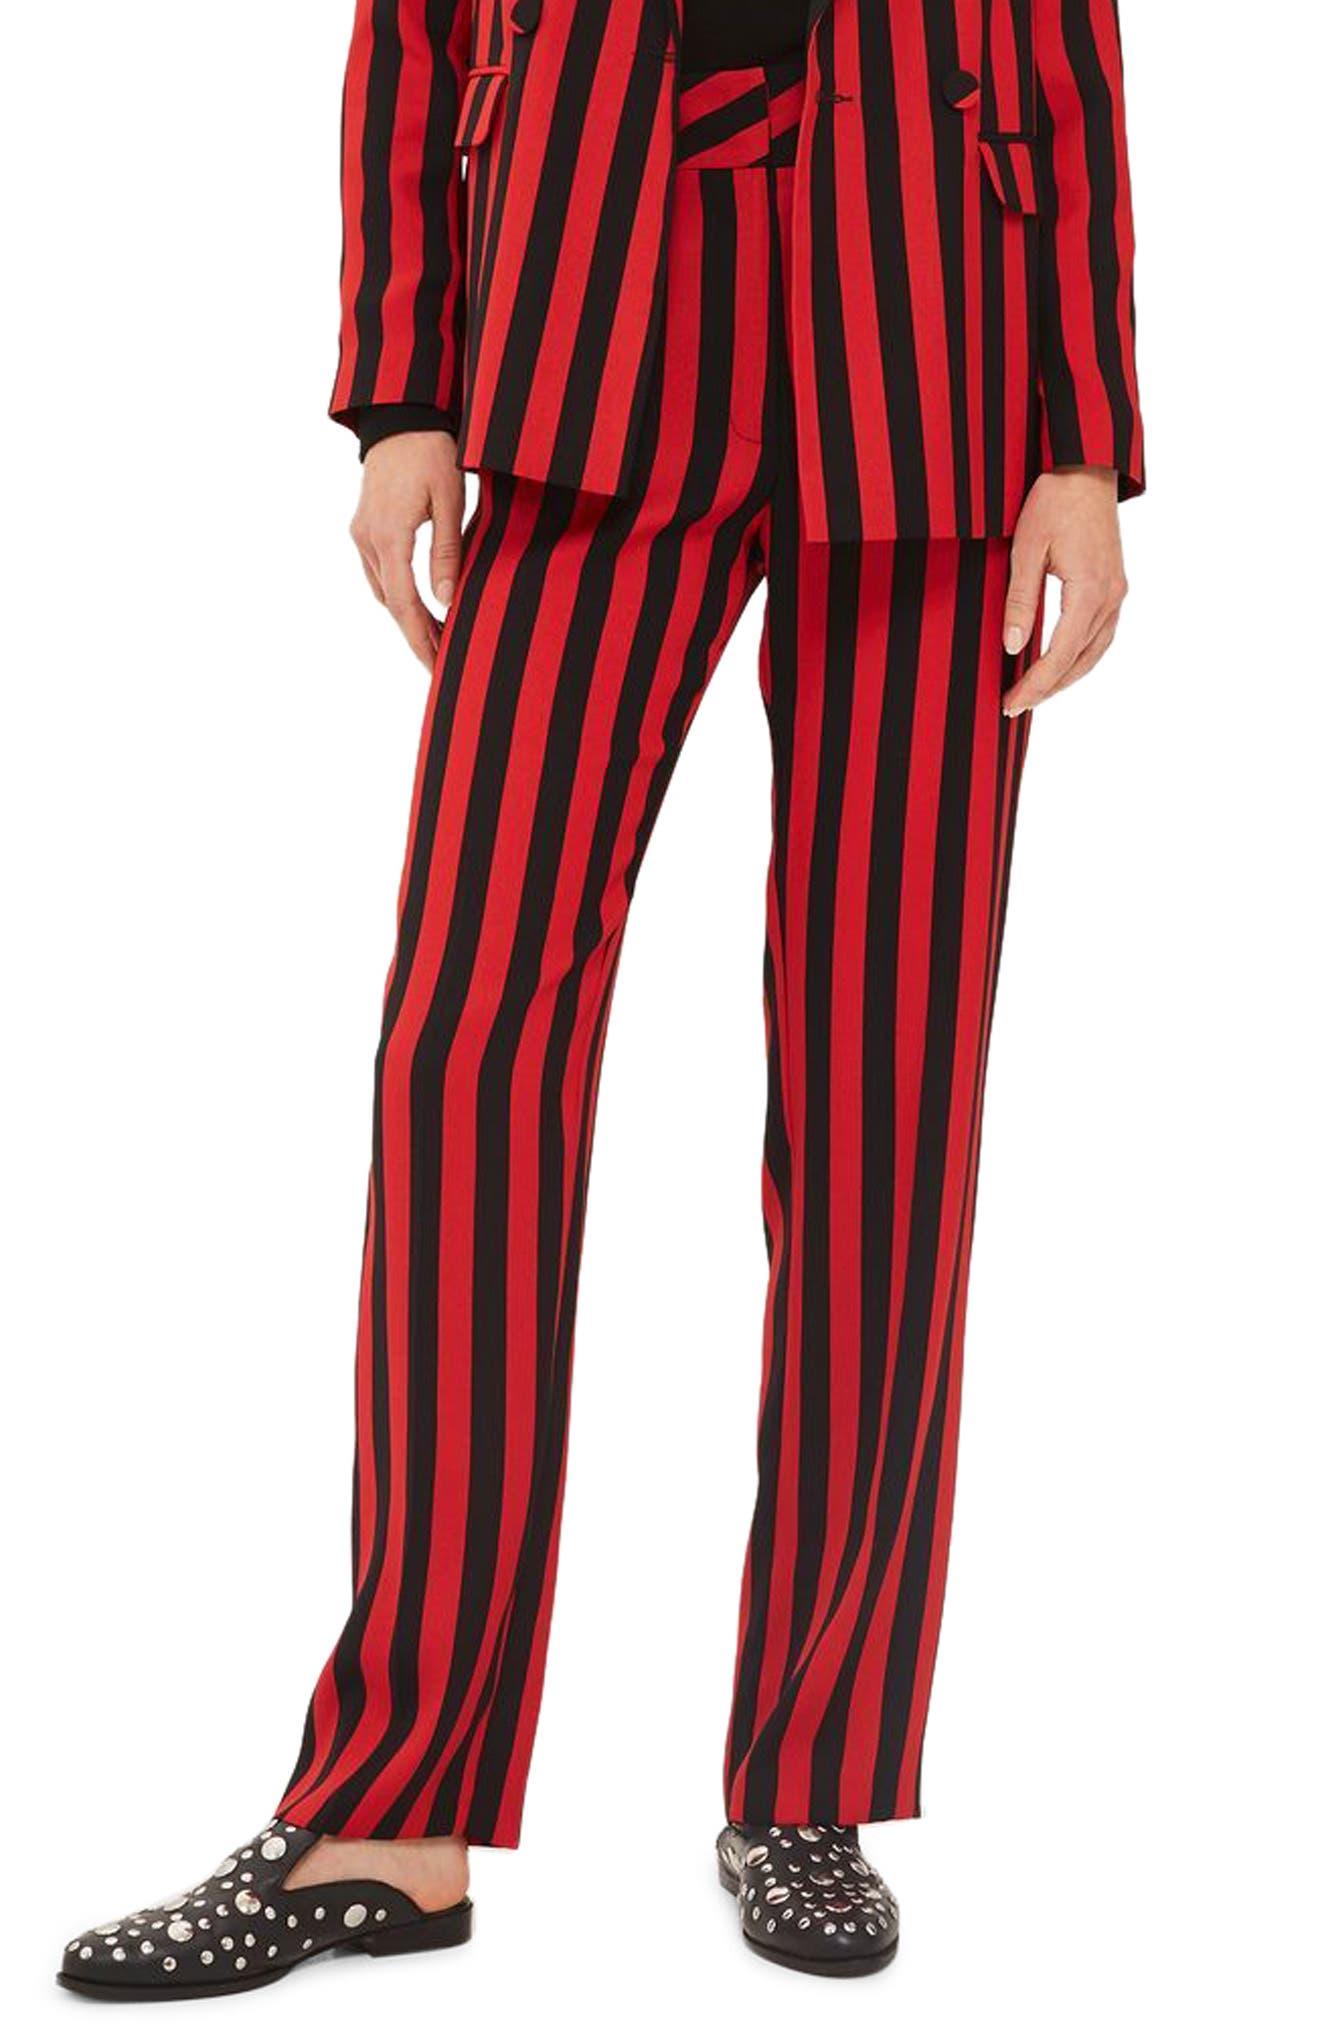 Humbug Stripe Trousers,                             Main thumbnail 2, color,